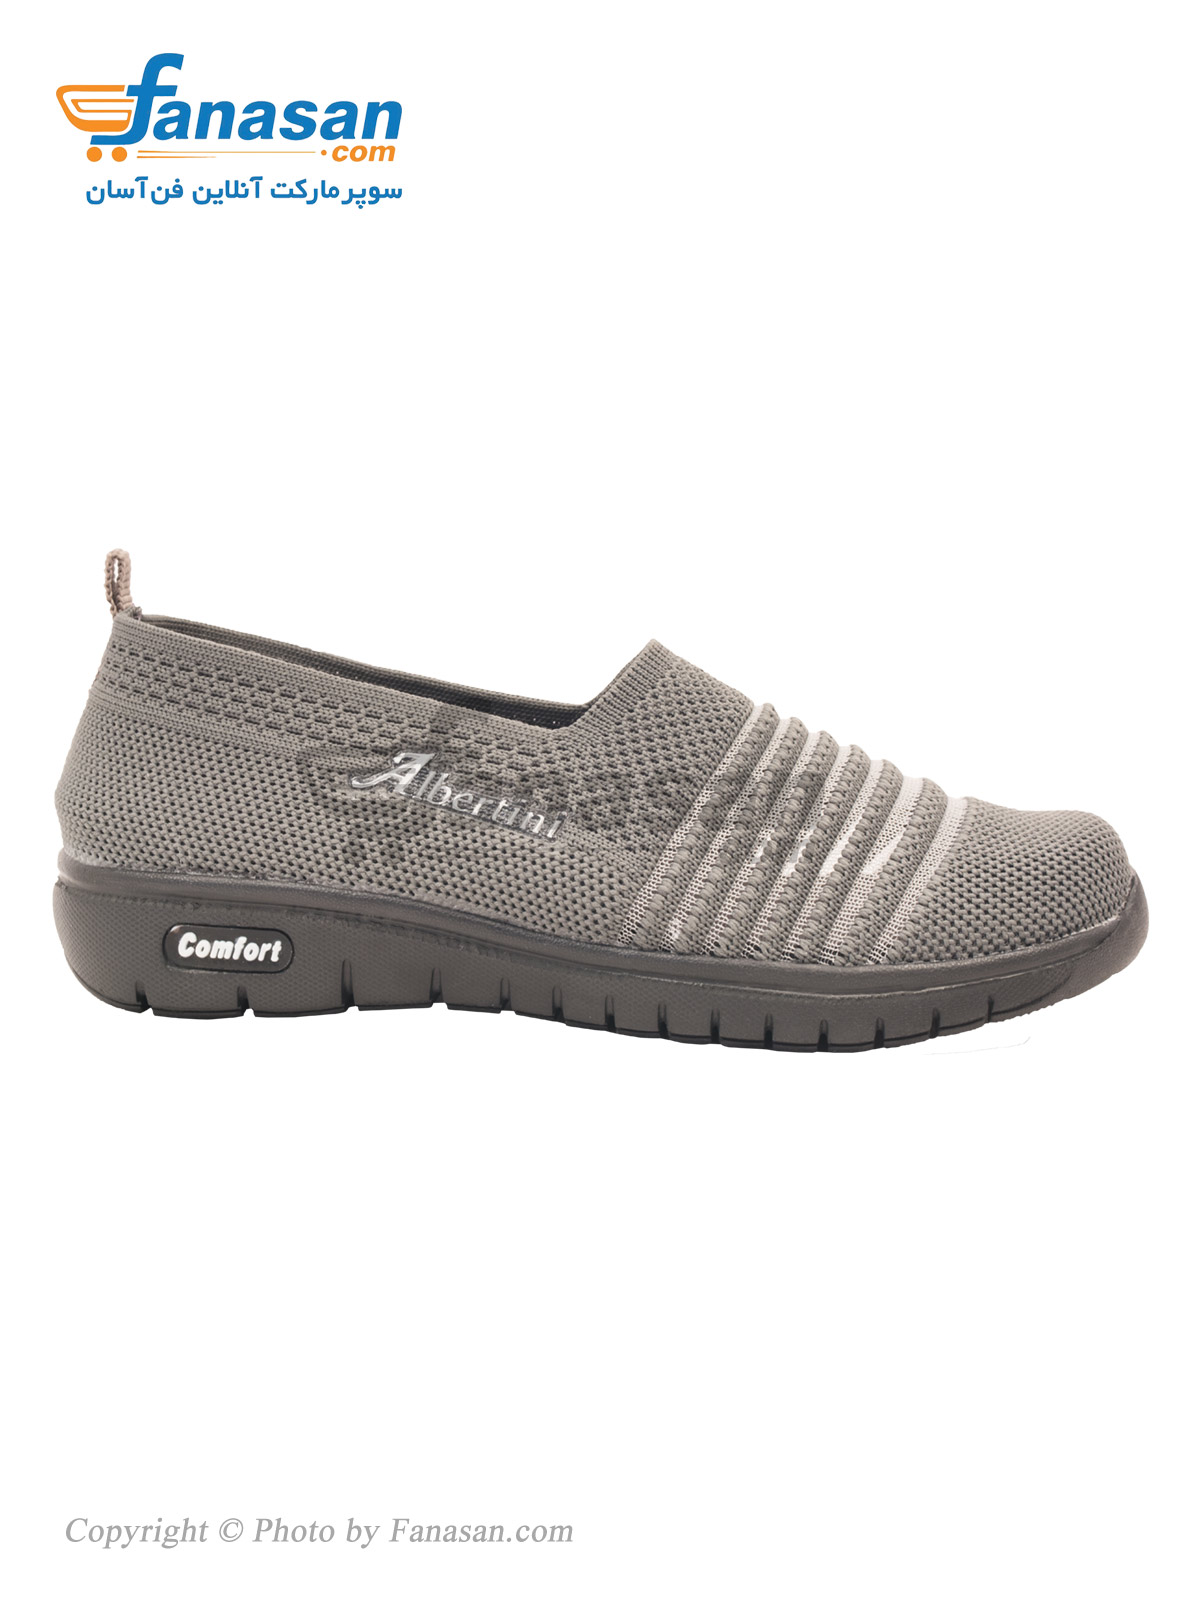 کفش راحتی چهارفصل زنانه نهرین مدل شیک Albertini طوسی تیره سایز 38